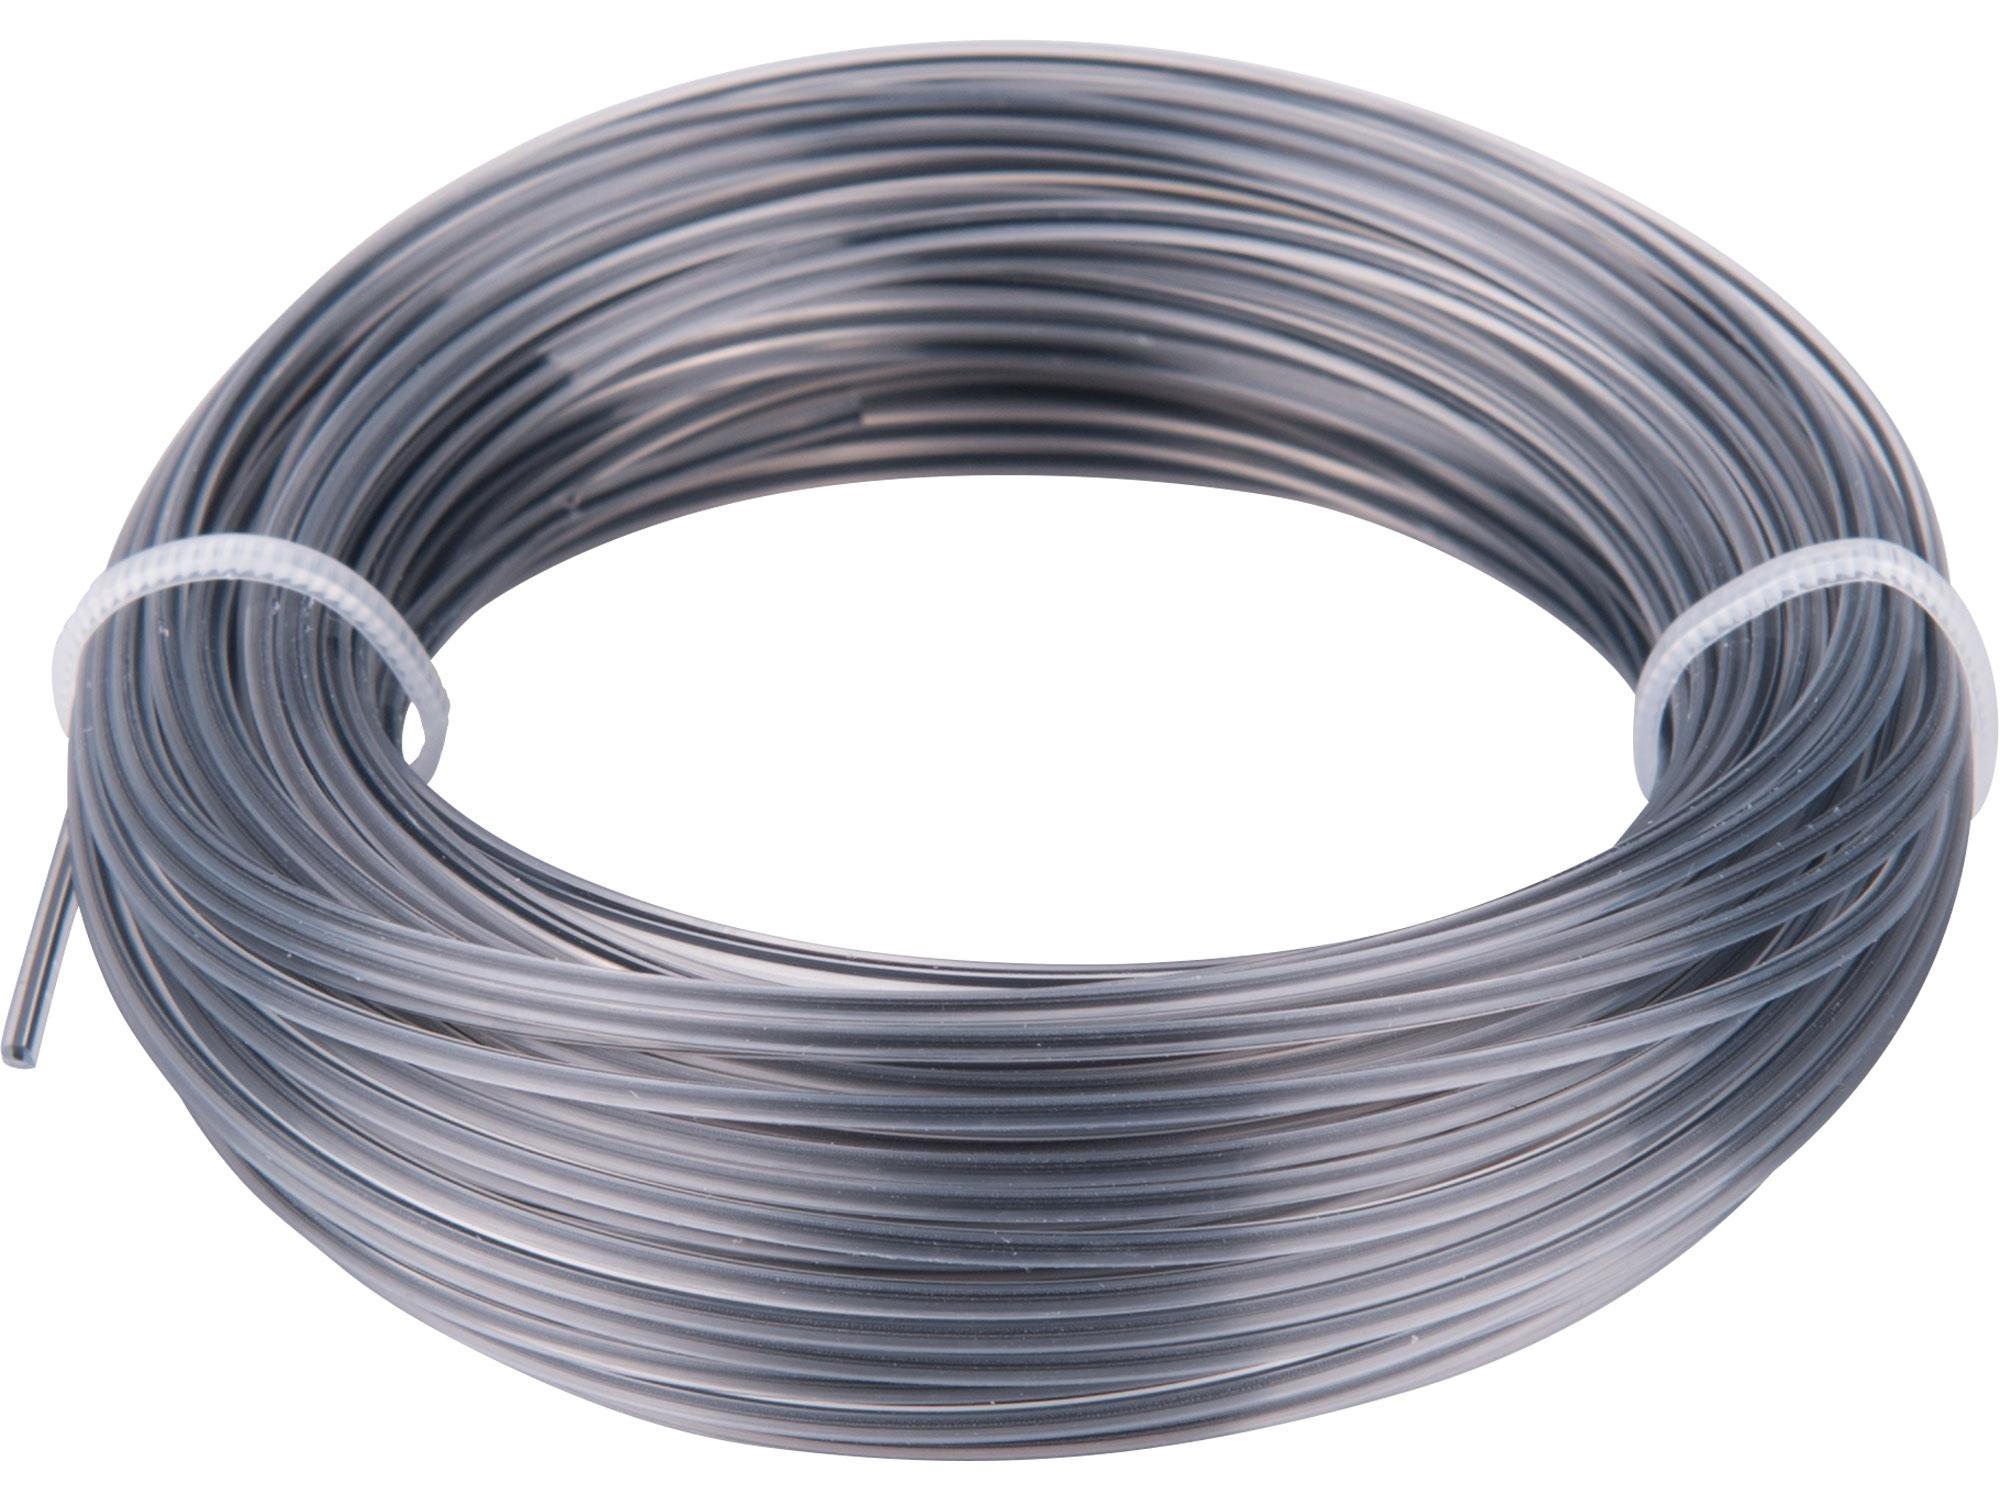 žací struna do sekačky s jádrem, čtvercový profil, 1,3mm, 15m, PA66